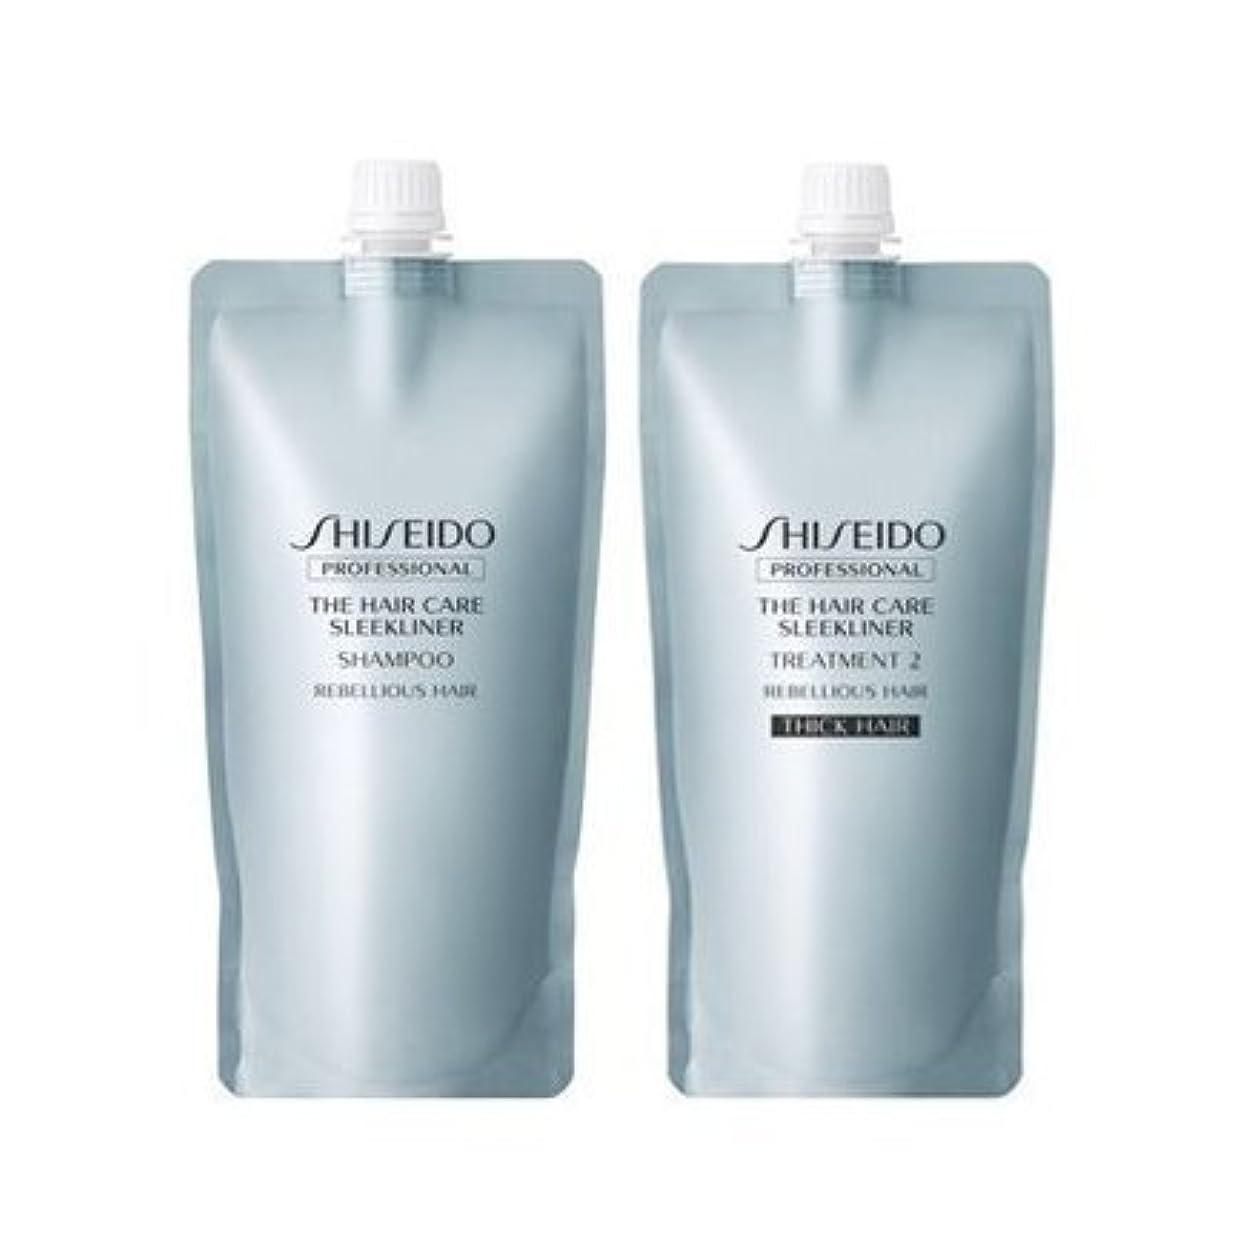 非常にアドバイス強要資生堂 スリークライナー シャンプー + トリートメント2 (硬い髪用) [450サイズ 詰替用レフィルセット]